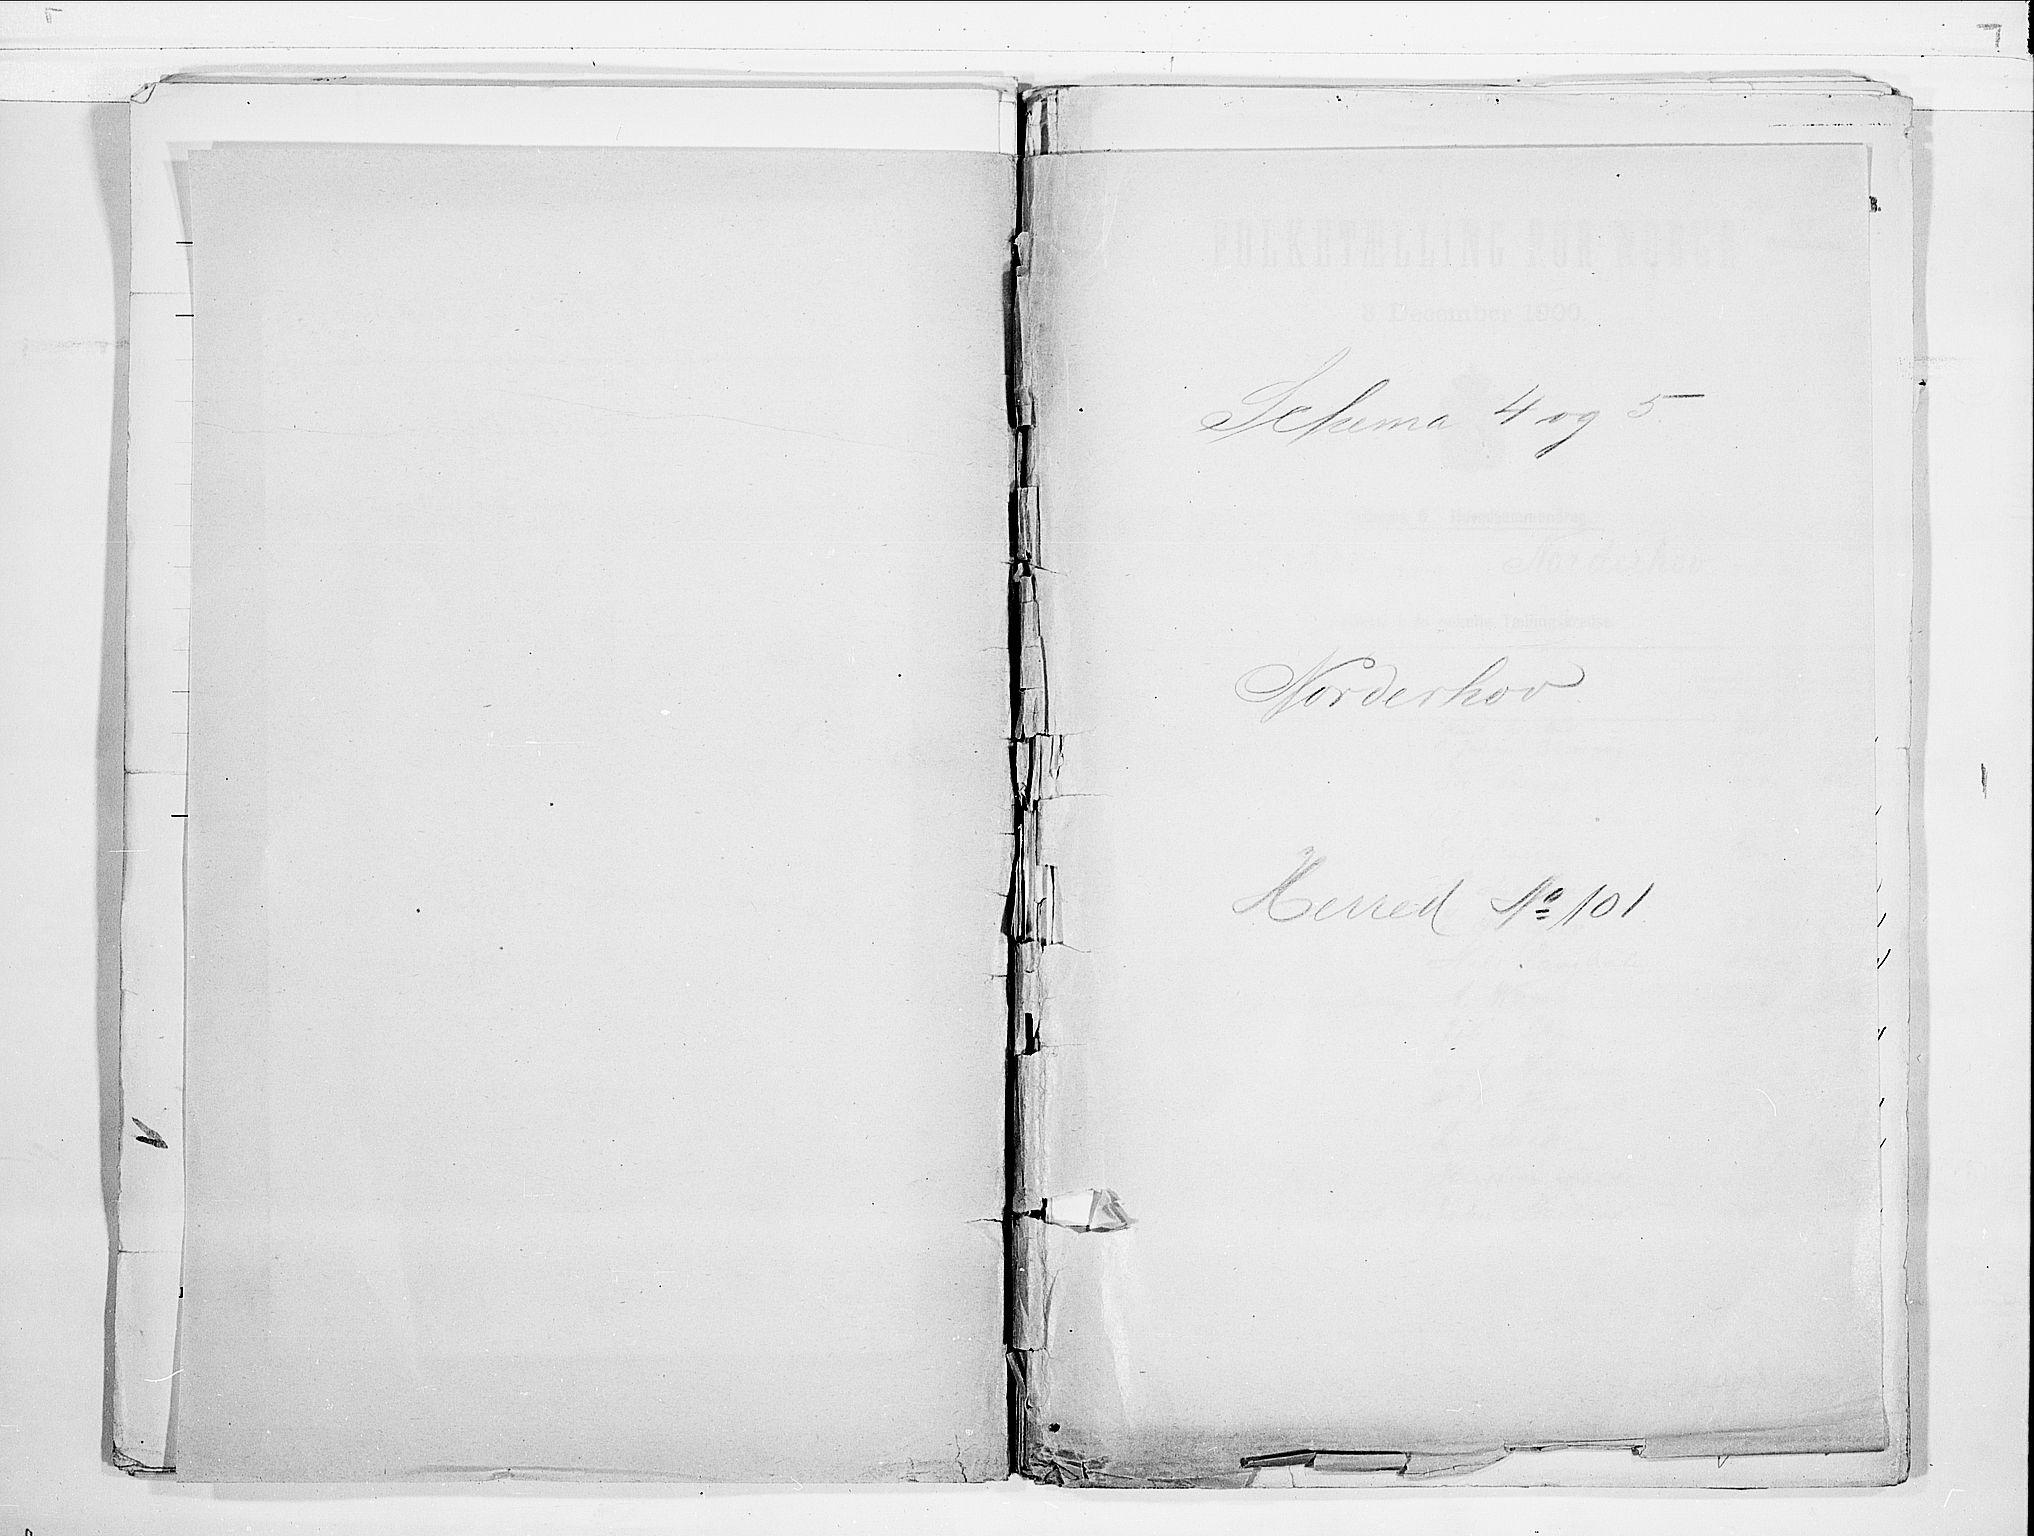 RA, Folketelling 1900 for 0613 Norderhov herred, 1900, s. 1